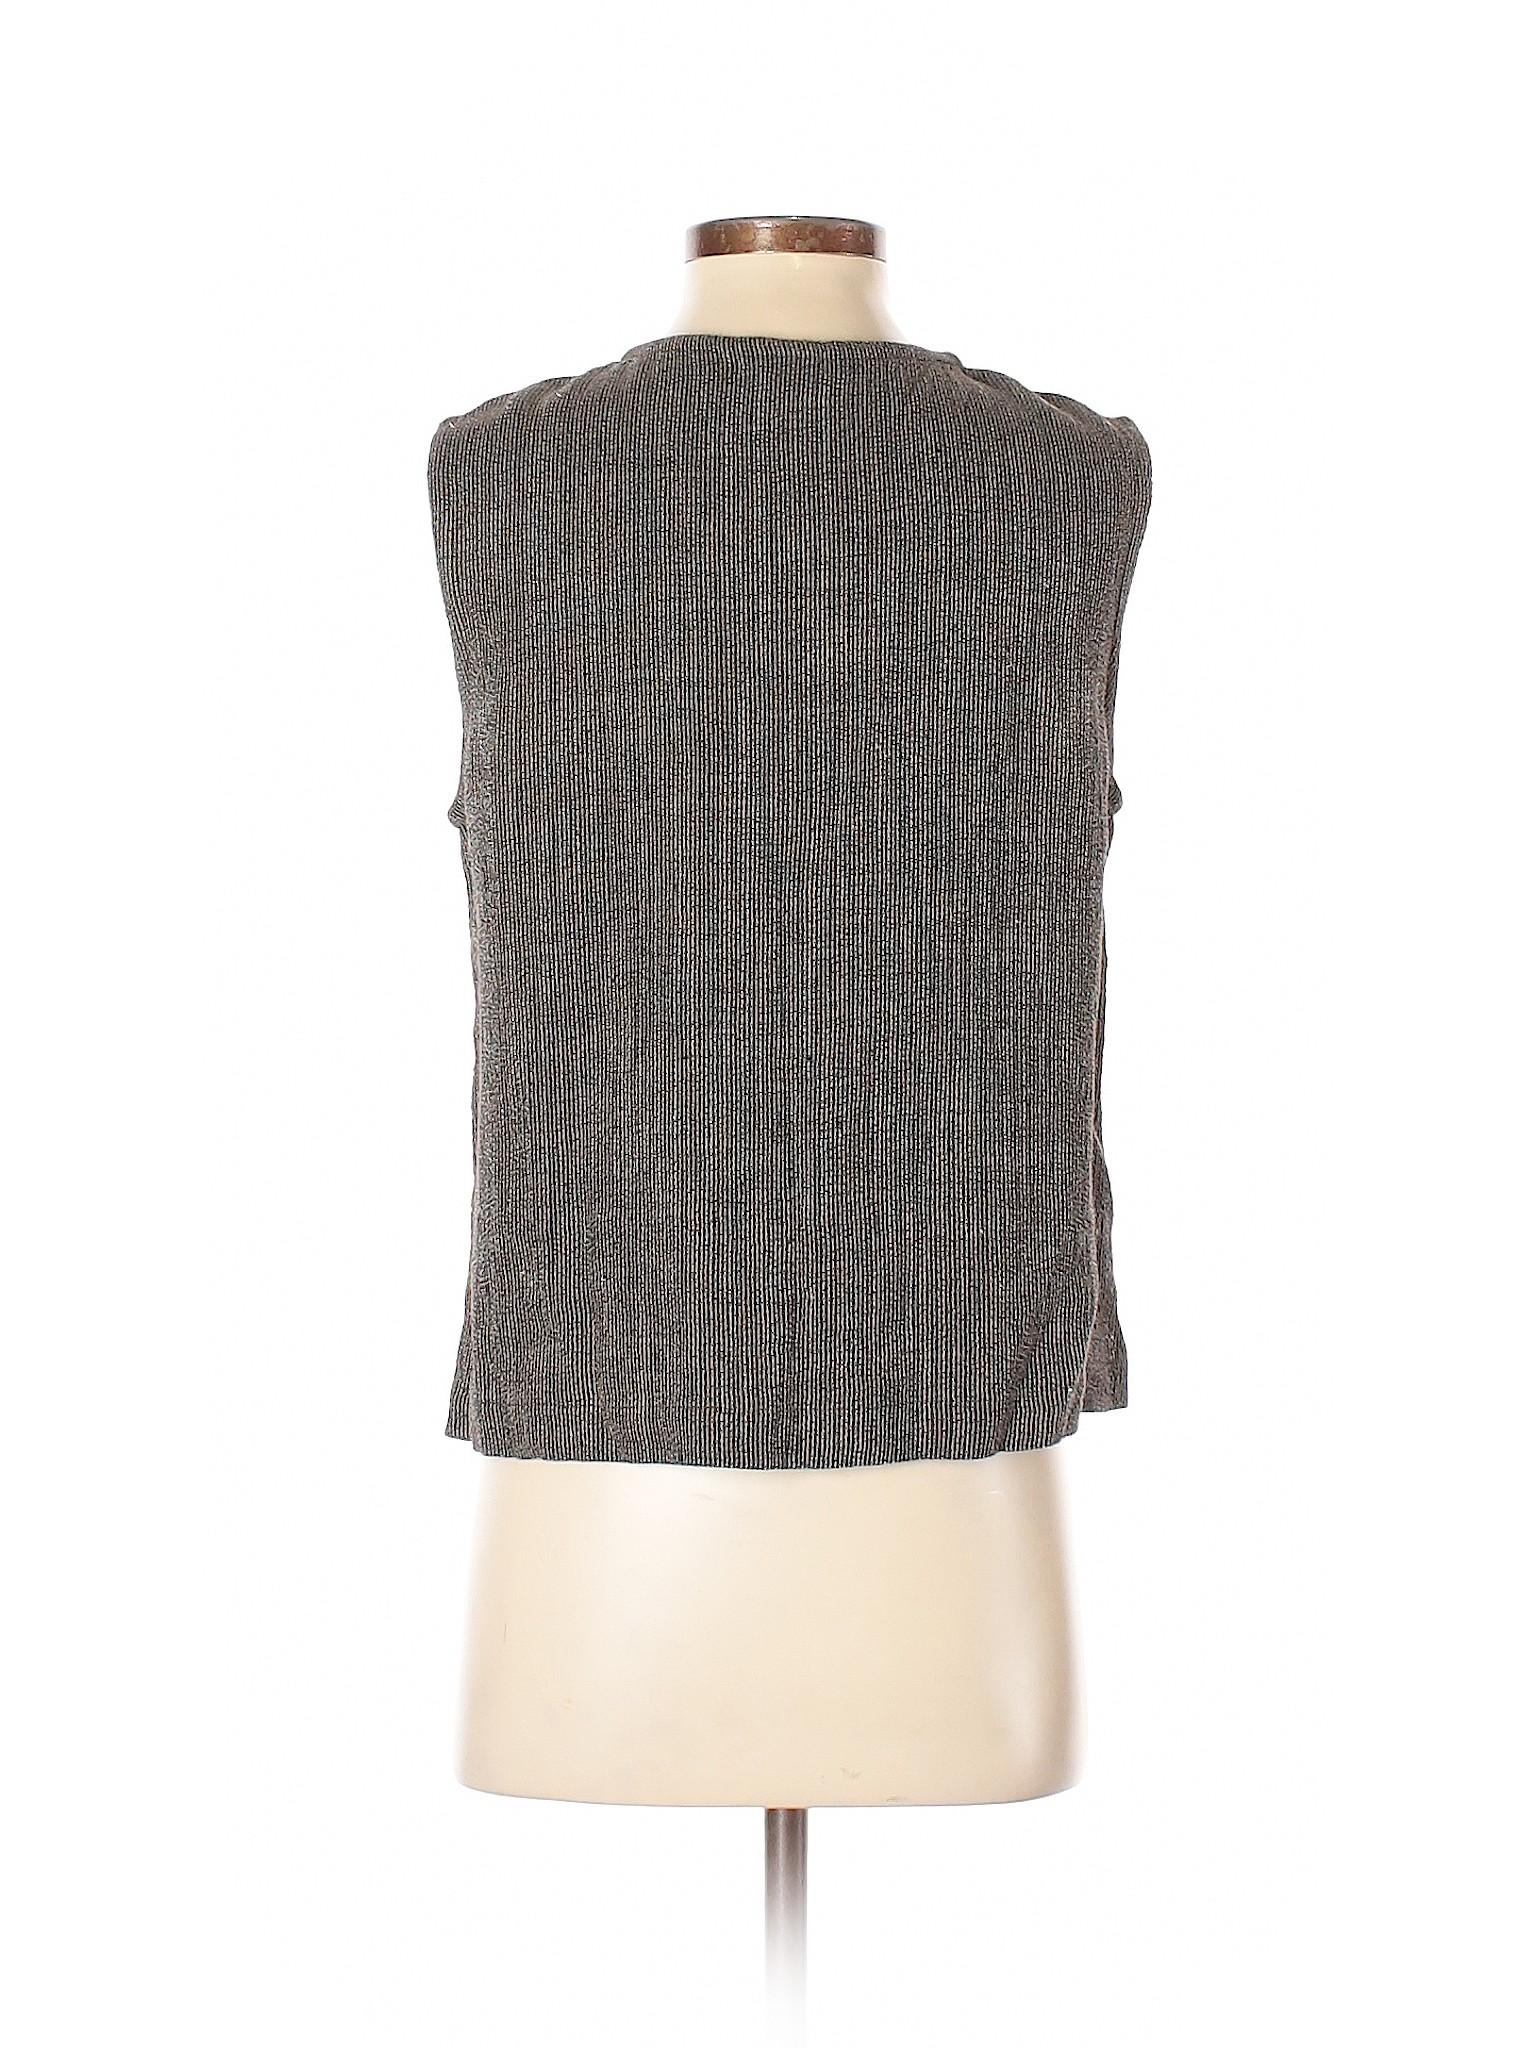 Vest Tuxedo Fisher winter Eileen Boutique qBzwpI